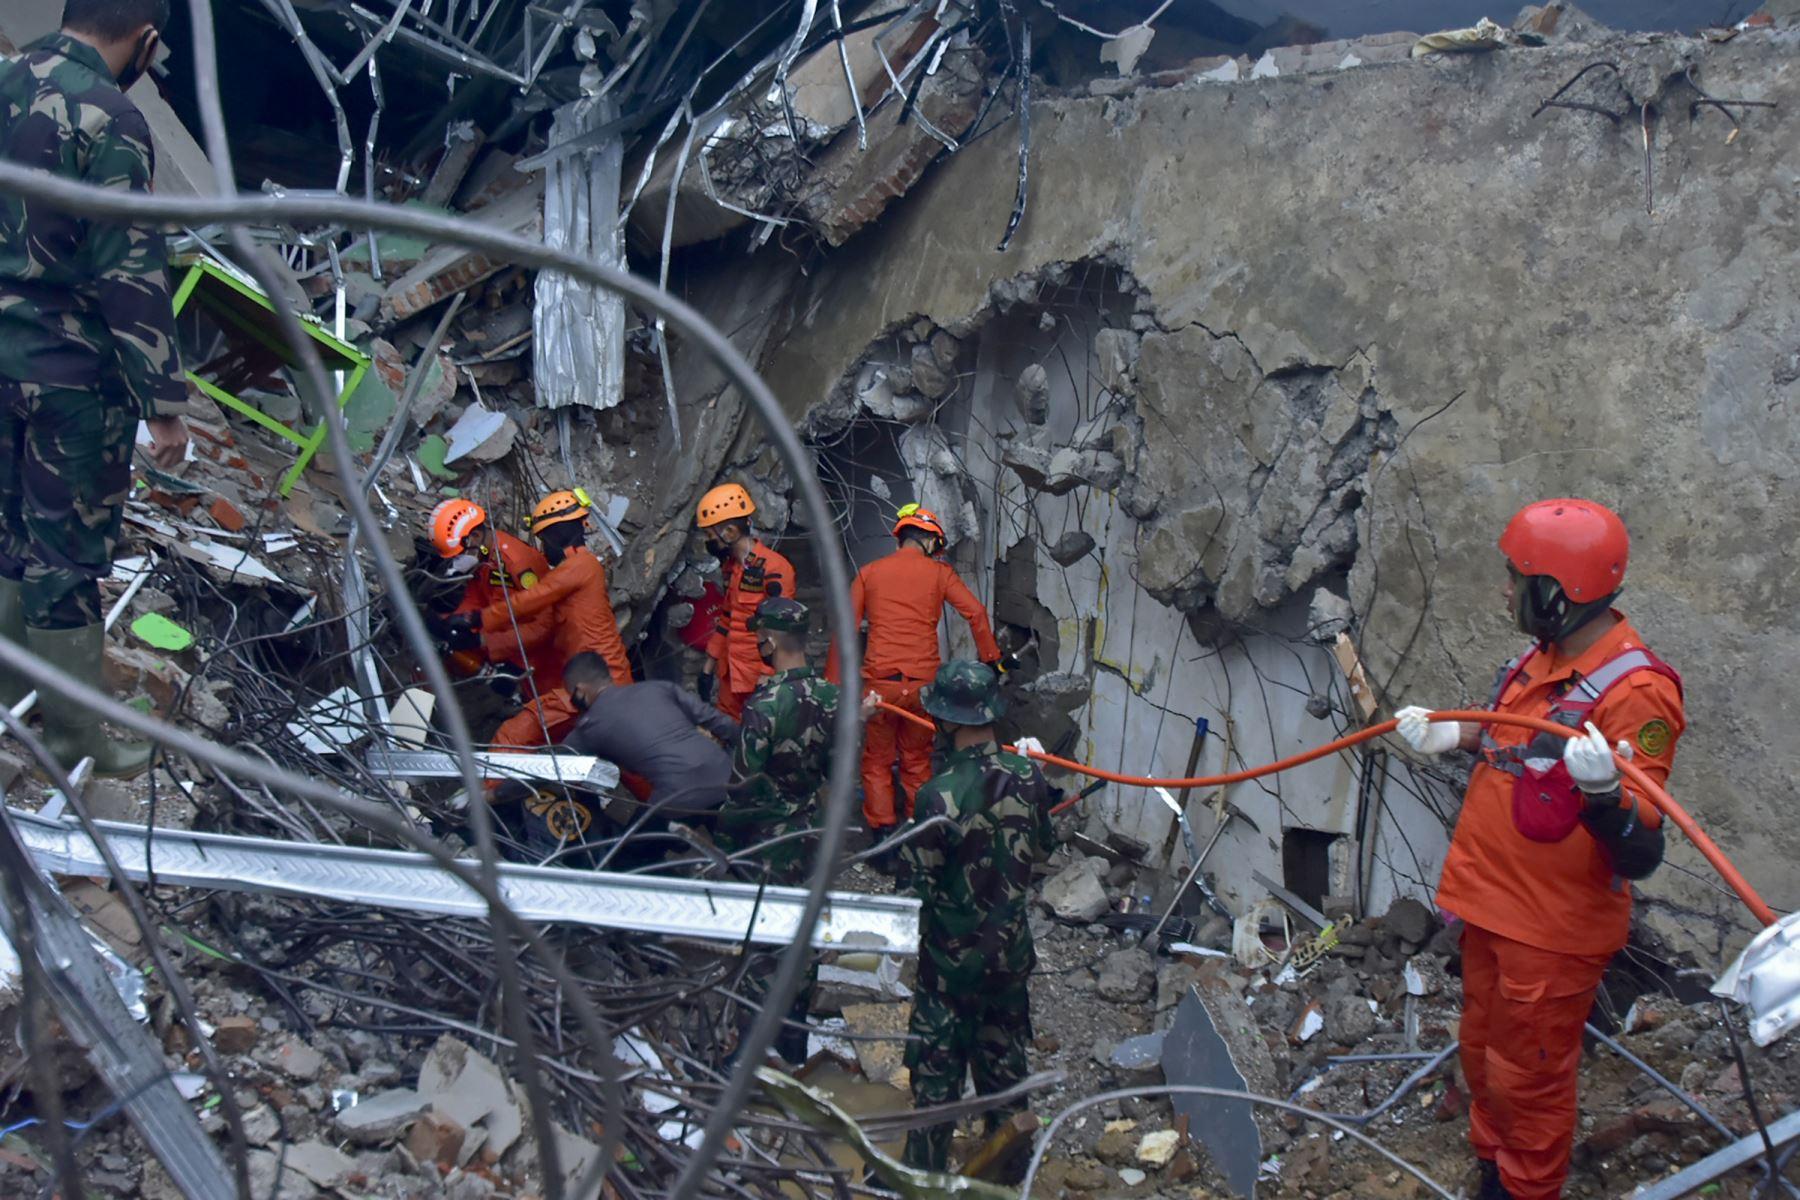 Los equipos de rescate buscan sobrevivientes en un edificio derrumbado en Mamuju, luego de que un terremoto de magnitud 6.2 sacudiera la isla indonesia de Sulawesi.  Foto: AFP